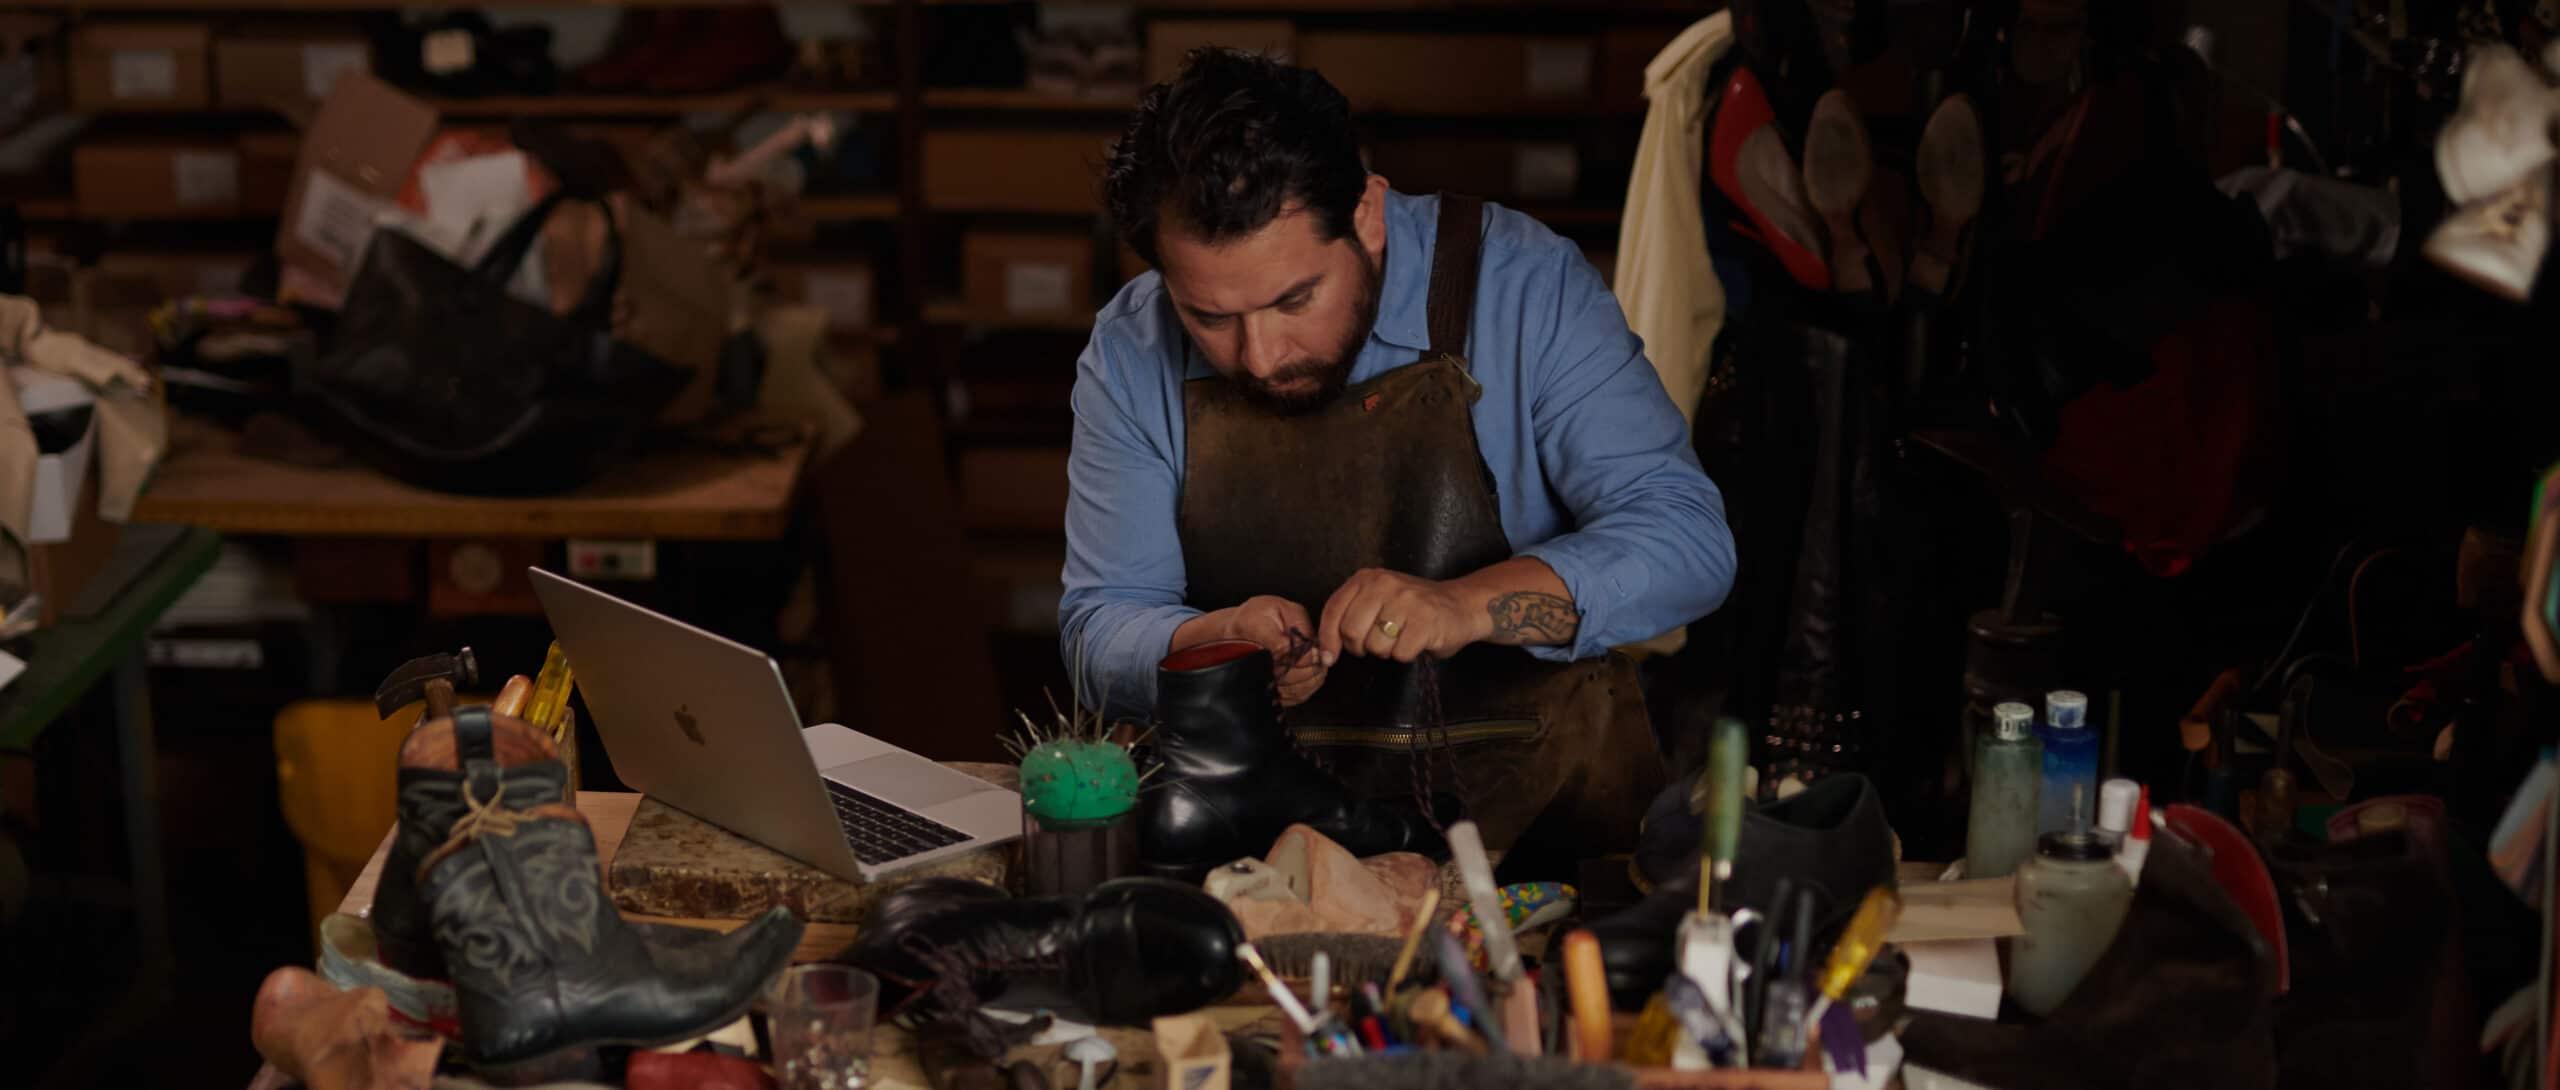 Sapateiro trabalhando com um Mac ao lado